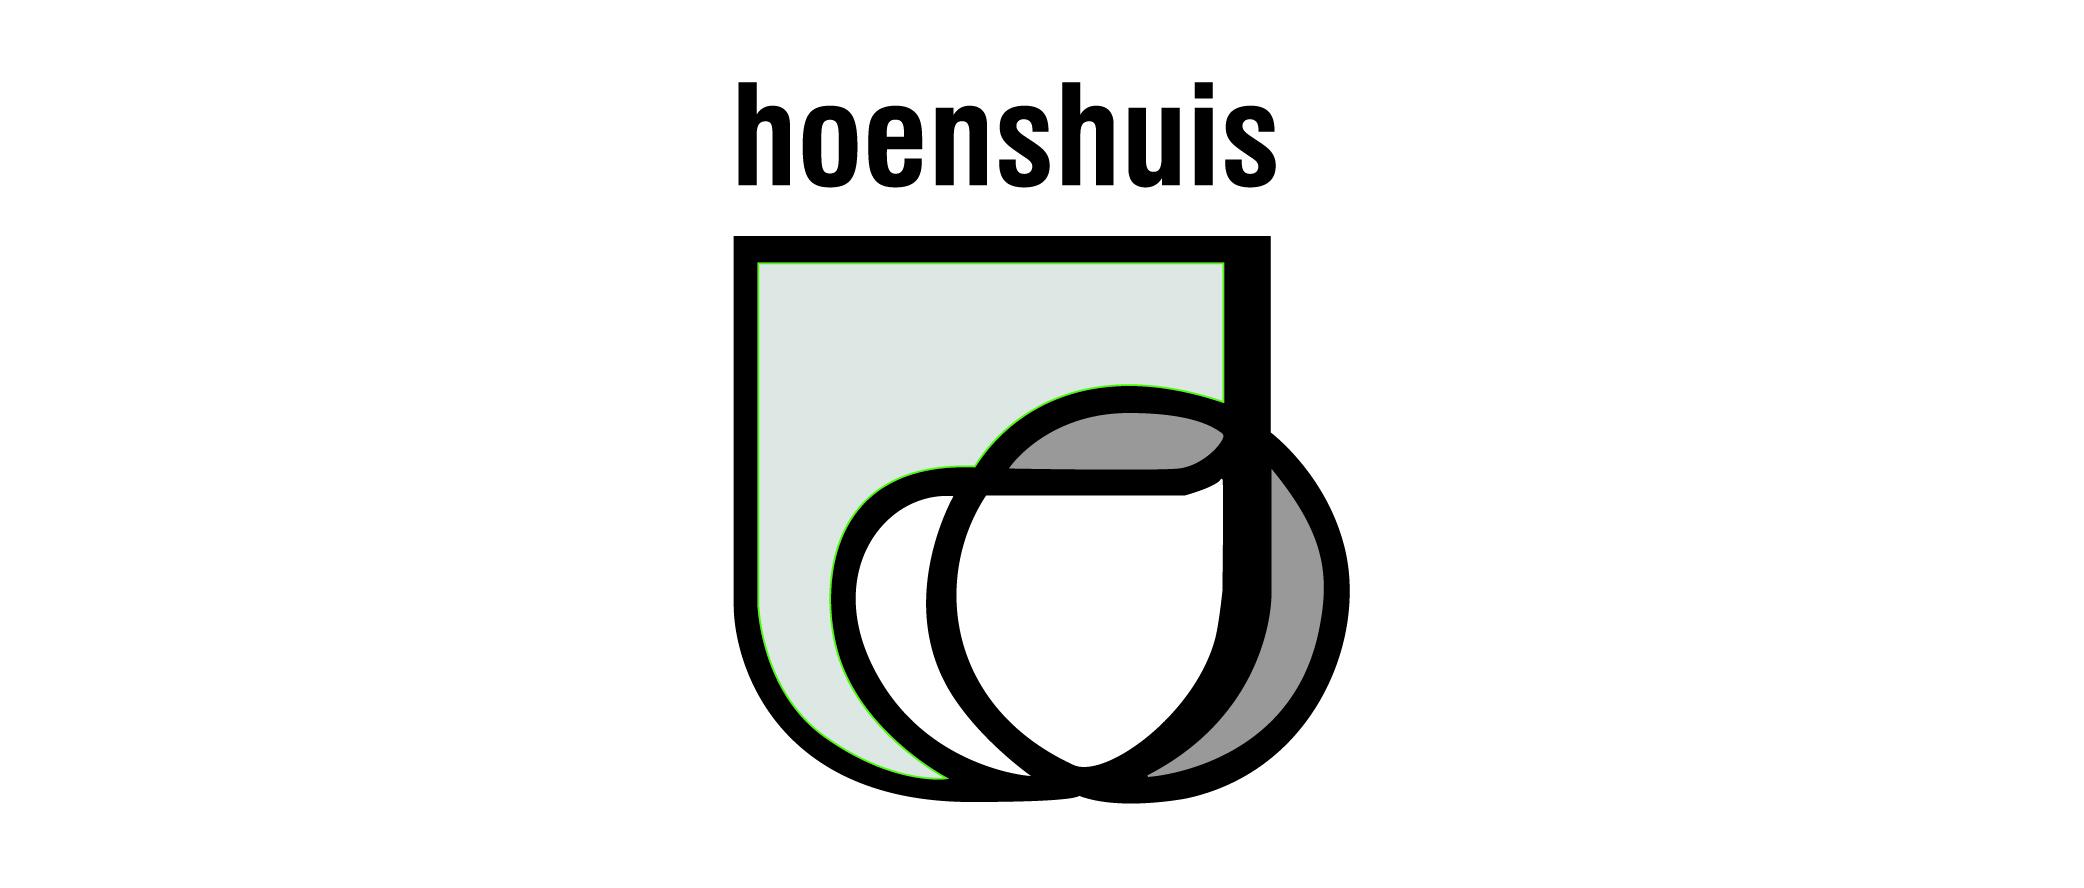 Hoenshuis